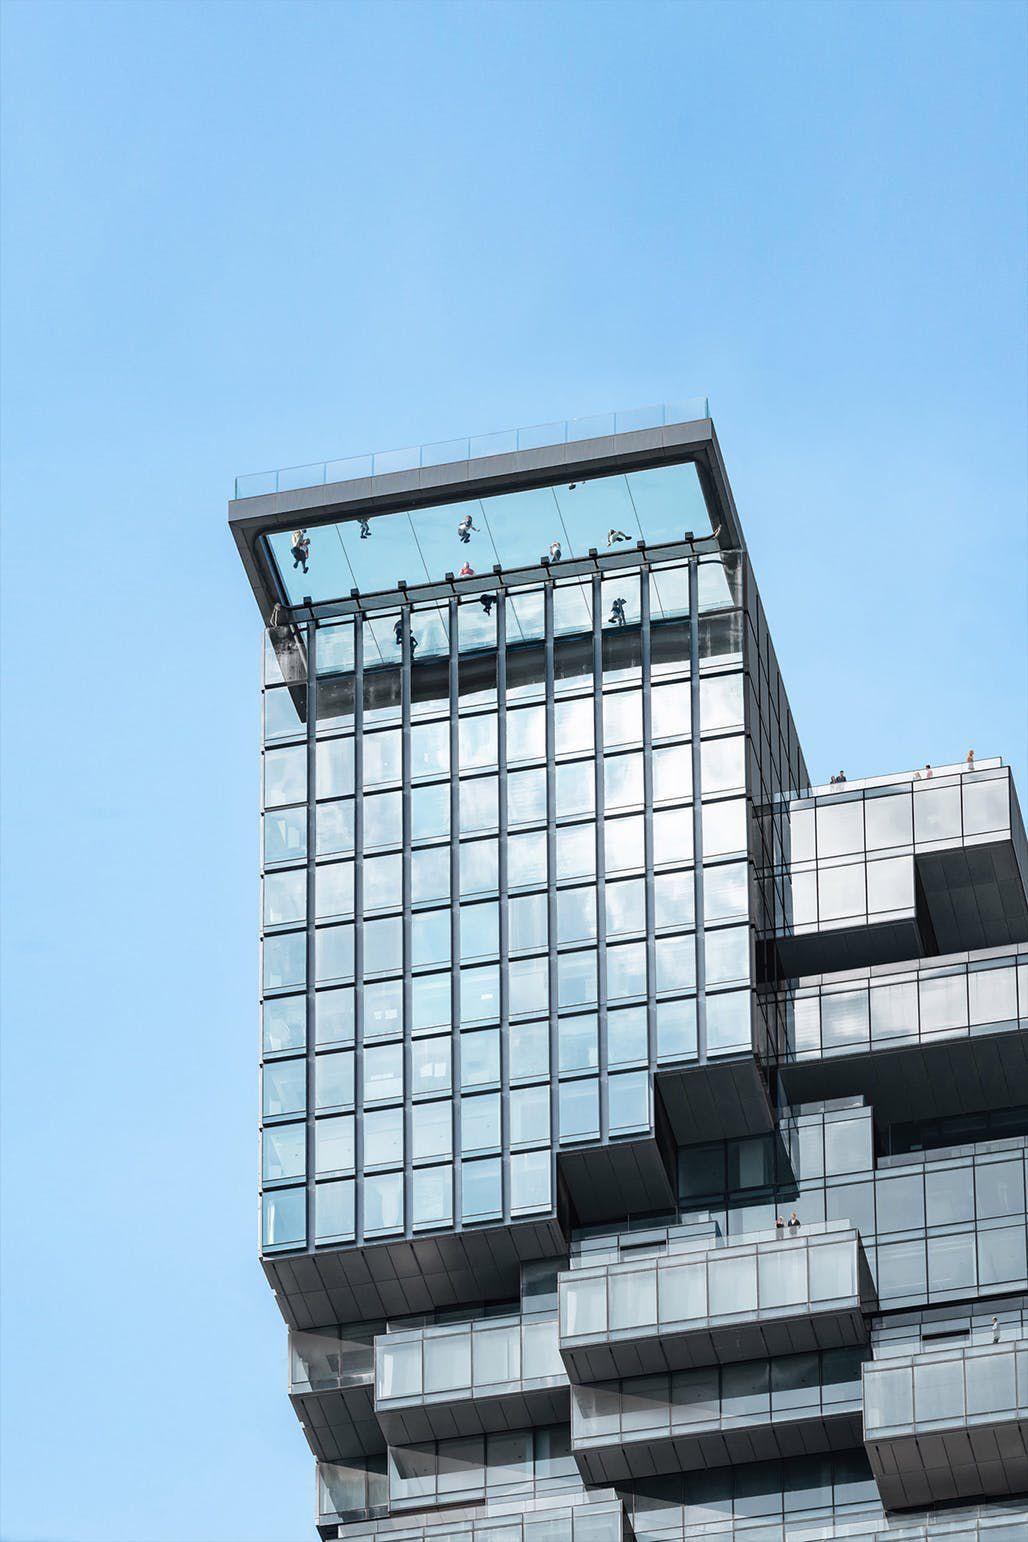 Glass observation deck